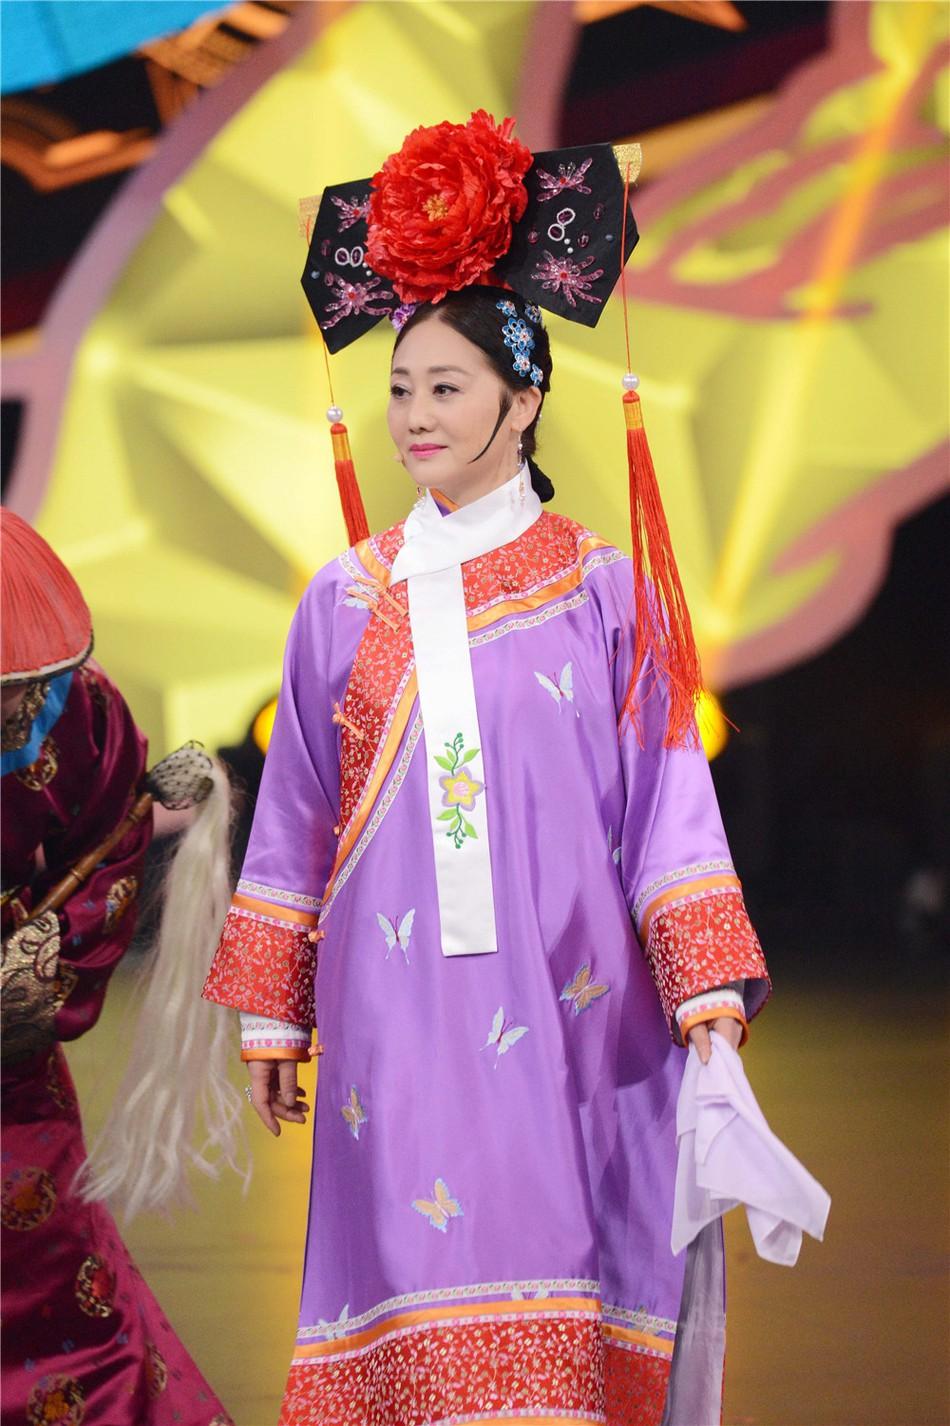 Chùm ảnh xúc động: Hoàng A Mã cùng bà nội Tiểu Yến Tử bất ngờ tái ngộ sau 20 năm phát sóng Hoàn Châu Cách Cách - Ảnh 8.